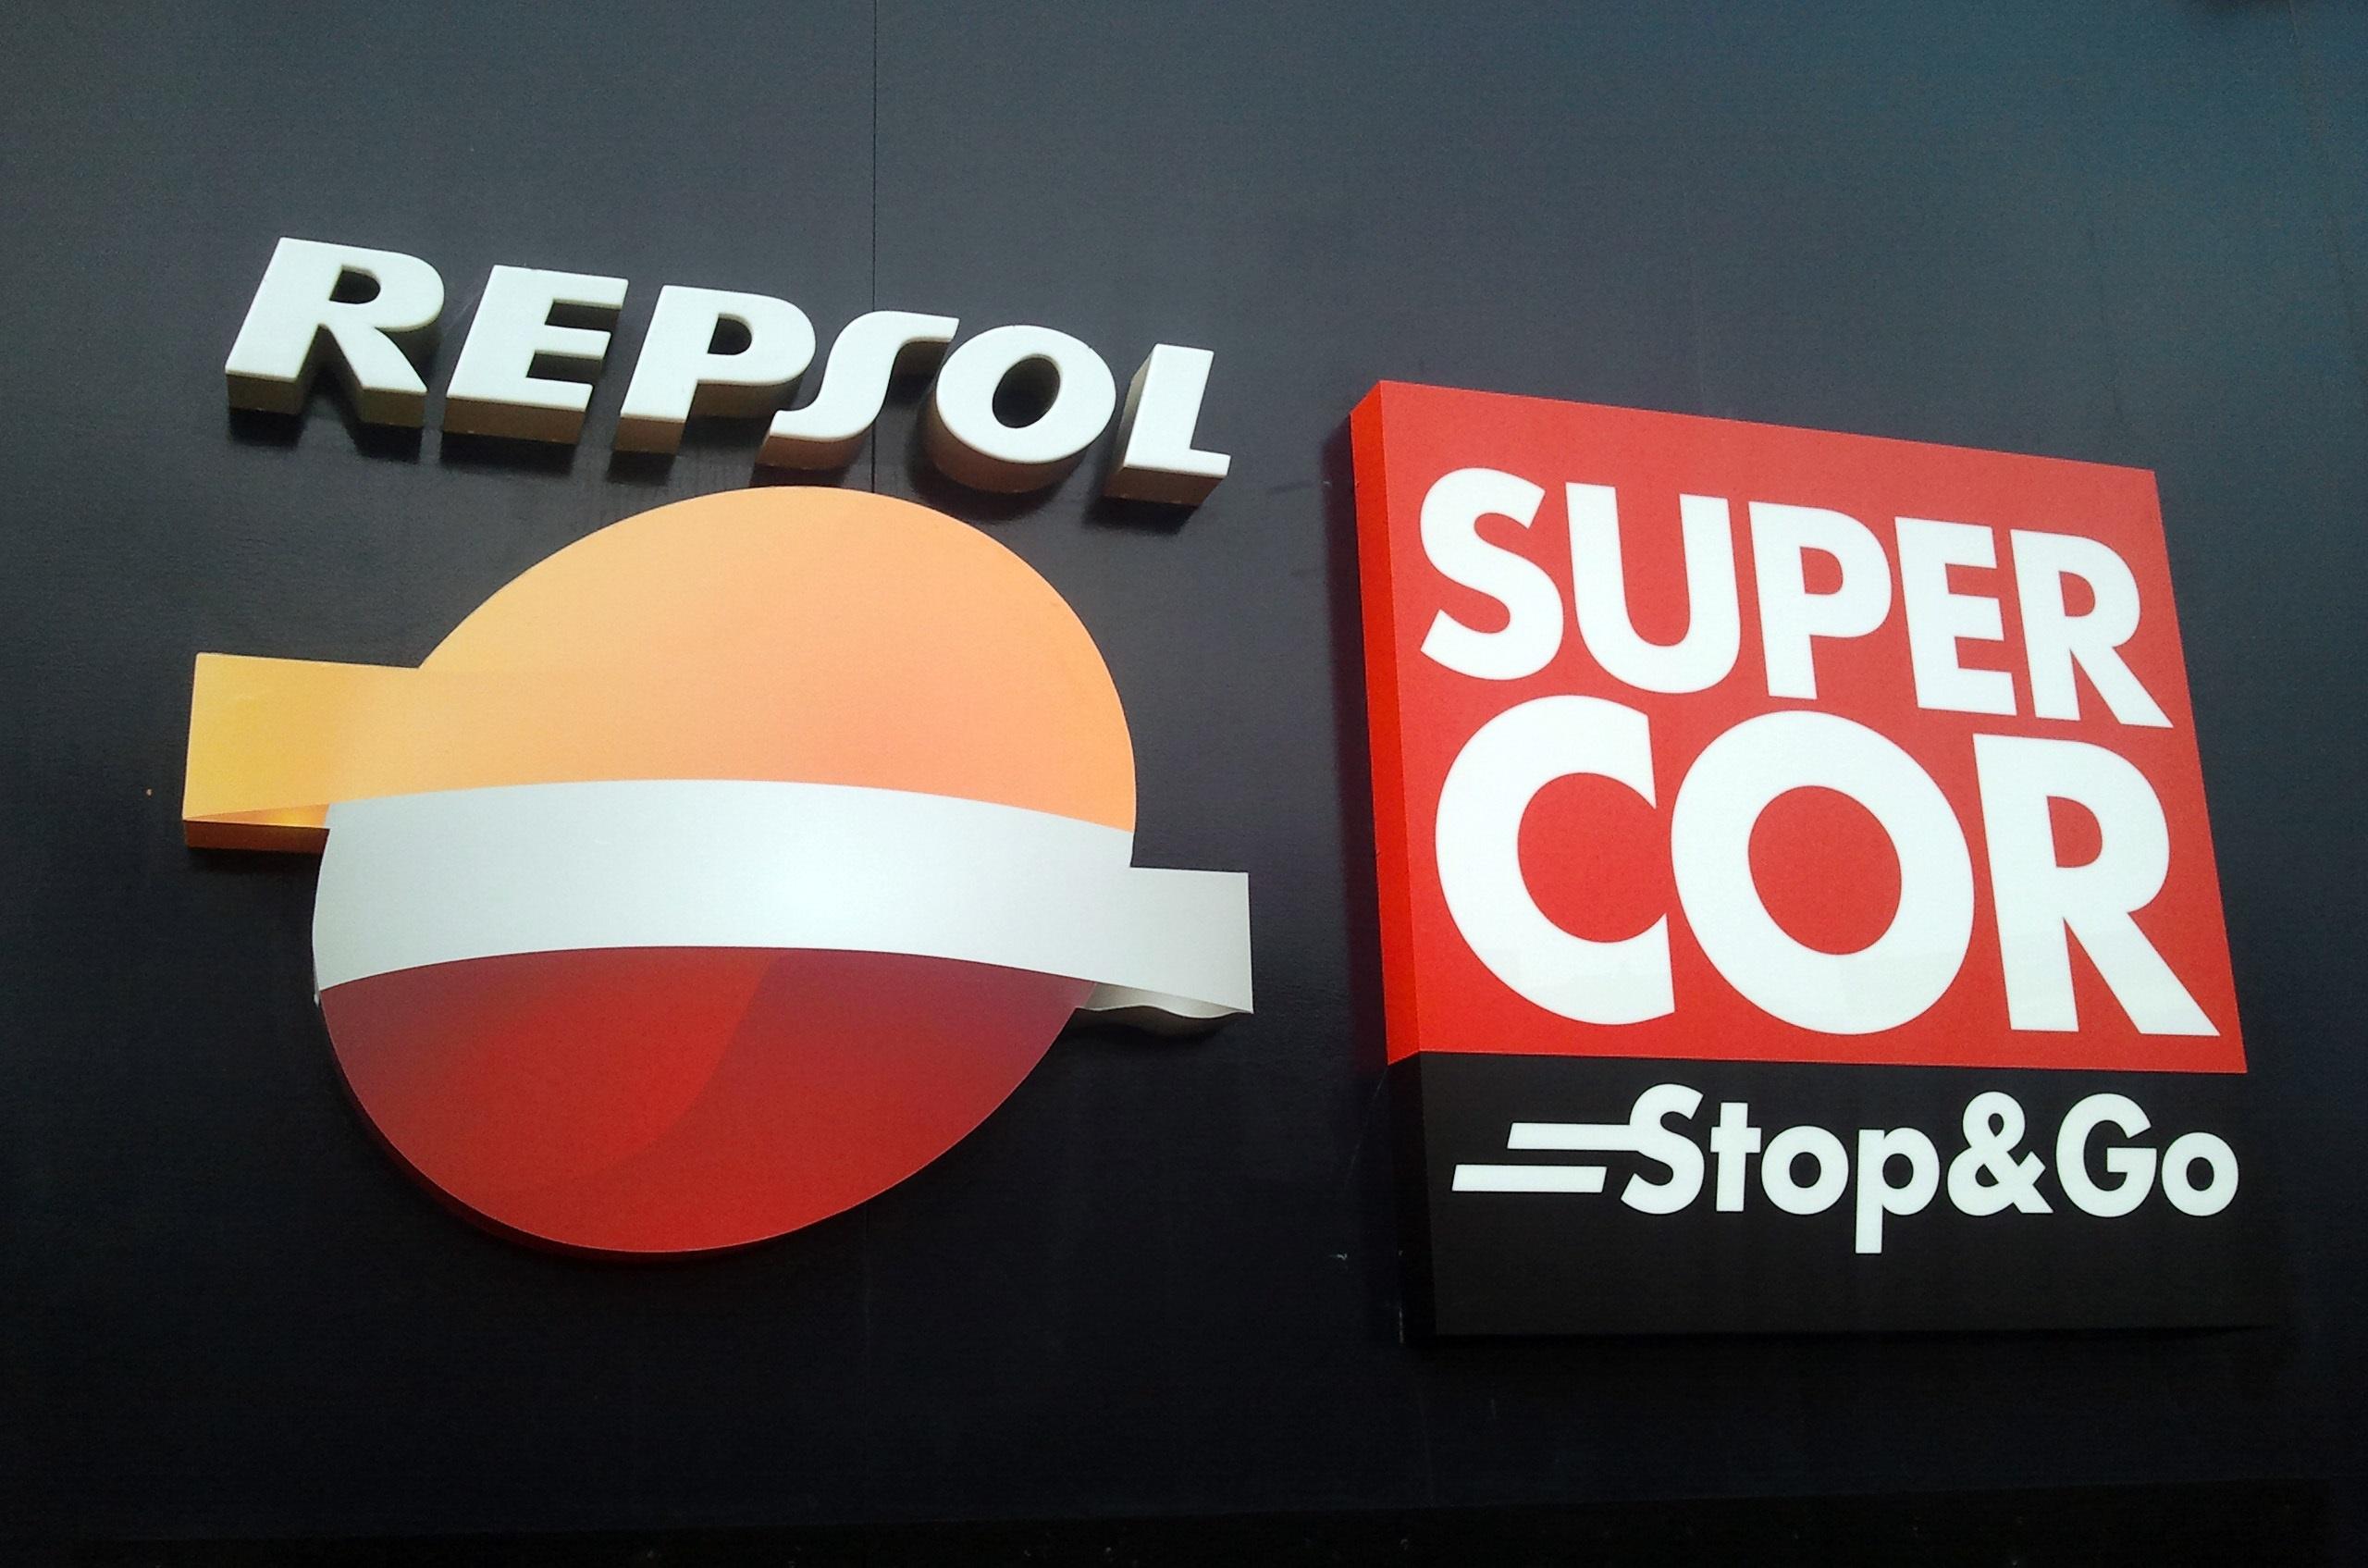 El Corte Inglés y Repsol lanzan »Supercor Stop&Go», un nuevo concepto de tienda en estaciones de servicio